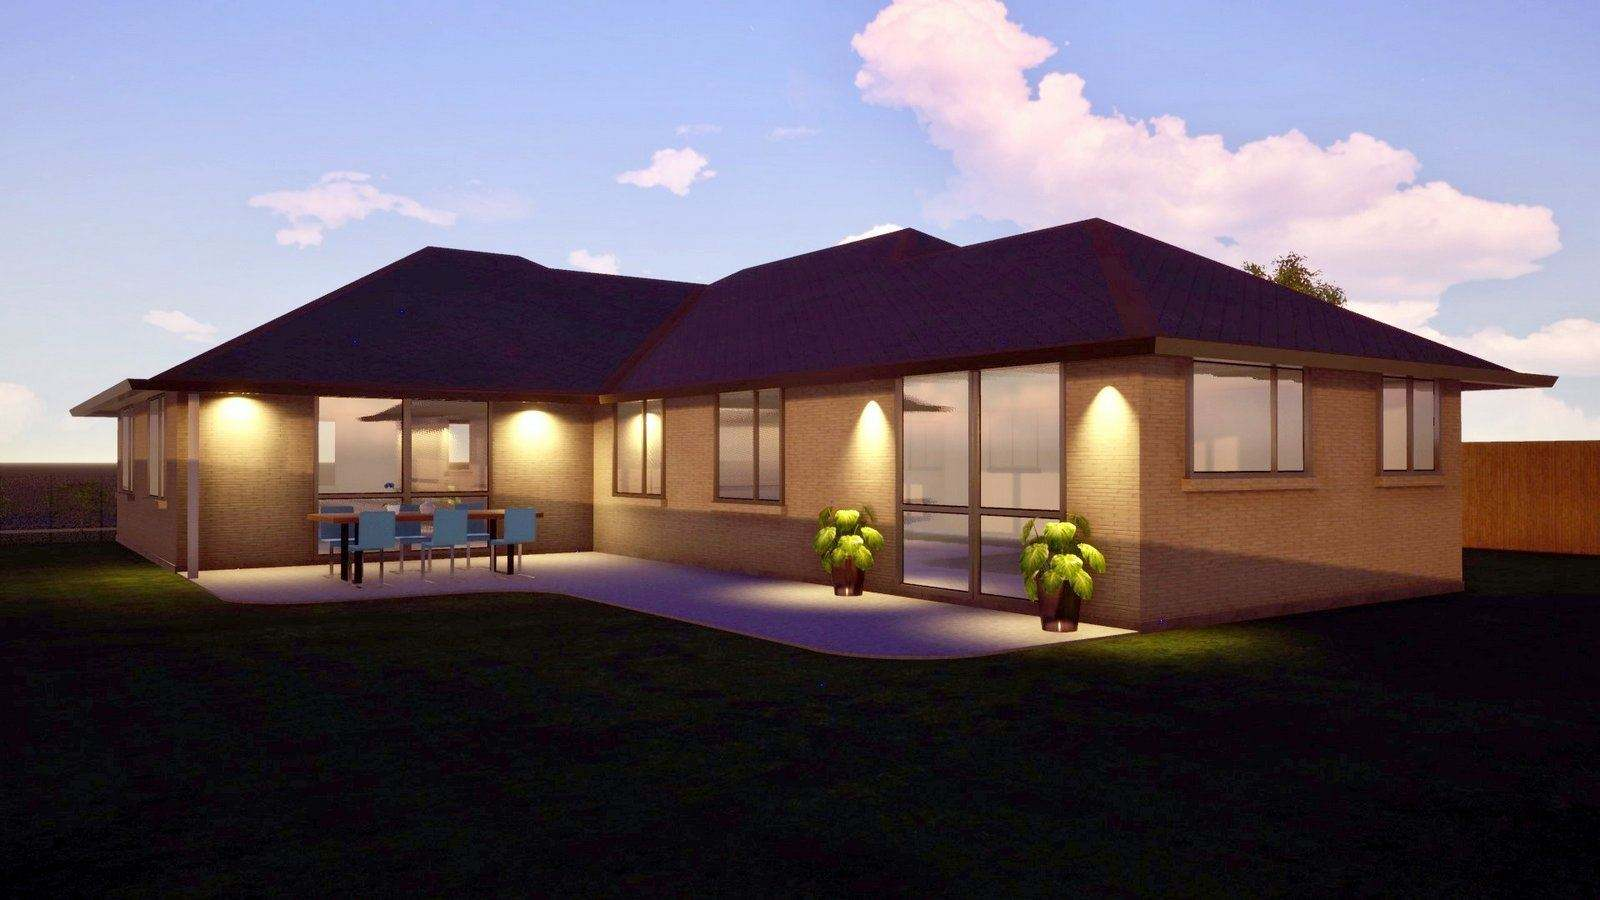 Waipukurau and Surrounds 3房 Brand New Development!